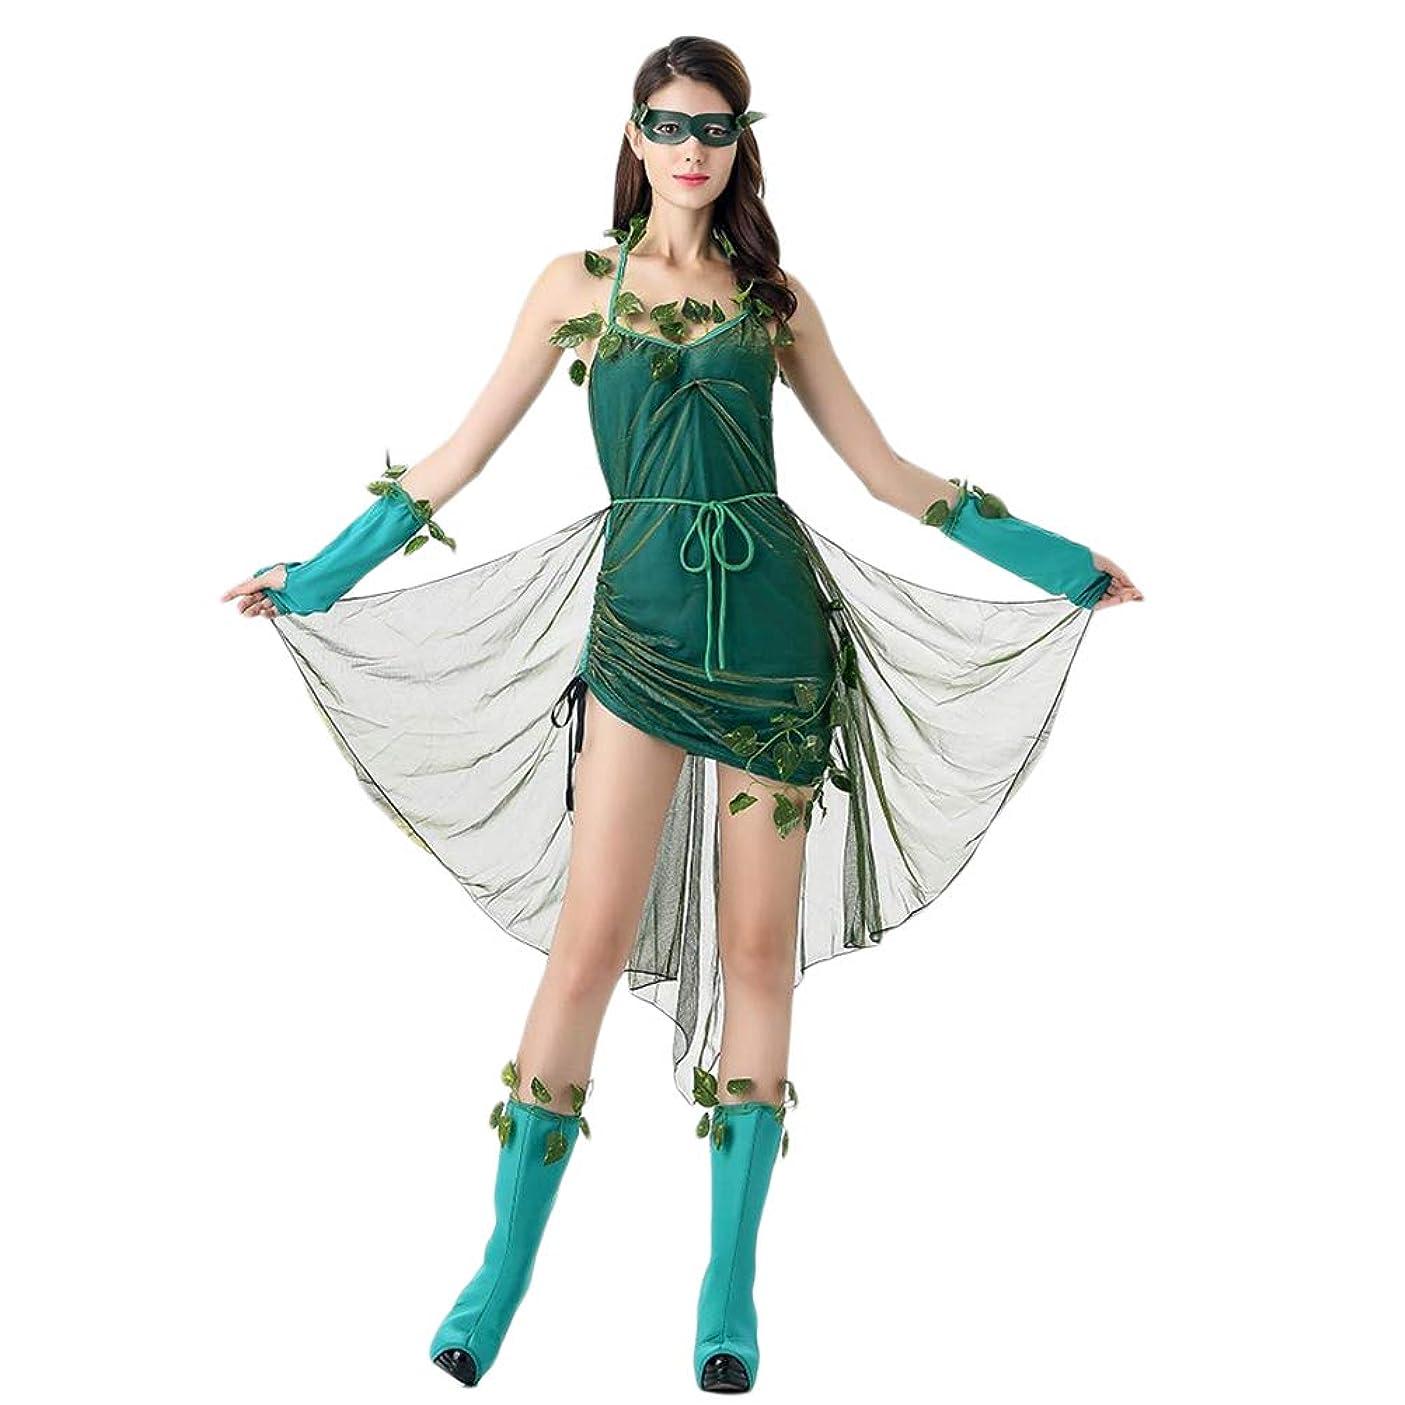 標高協力する難破船BESTOYARD ハロウィンステージの衣装美しいエルフの衣装森の悪魔の女神女性のコスプレ衣装ユニフォームパーティードレススーツ